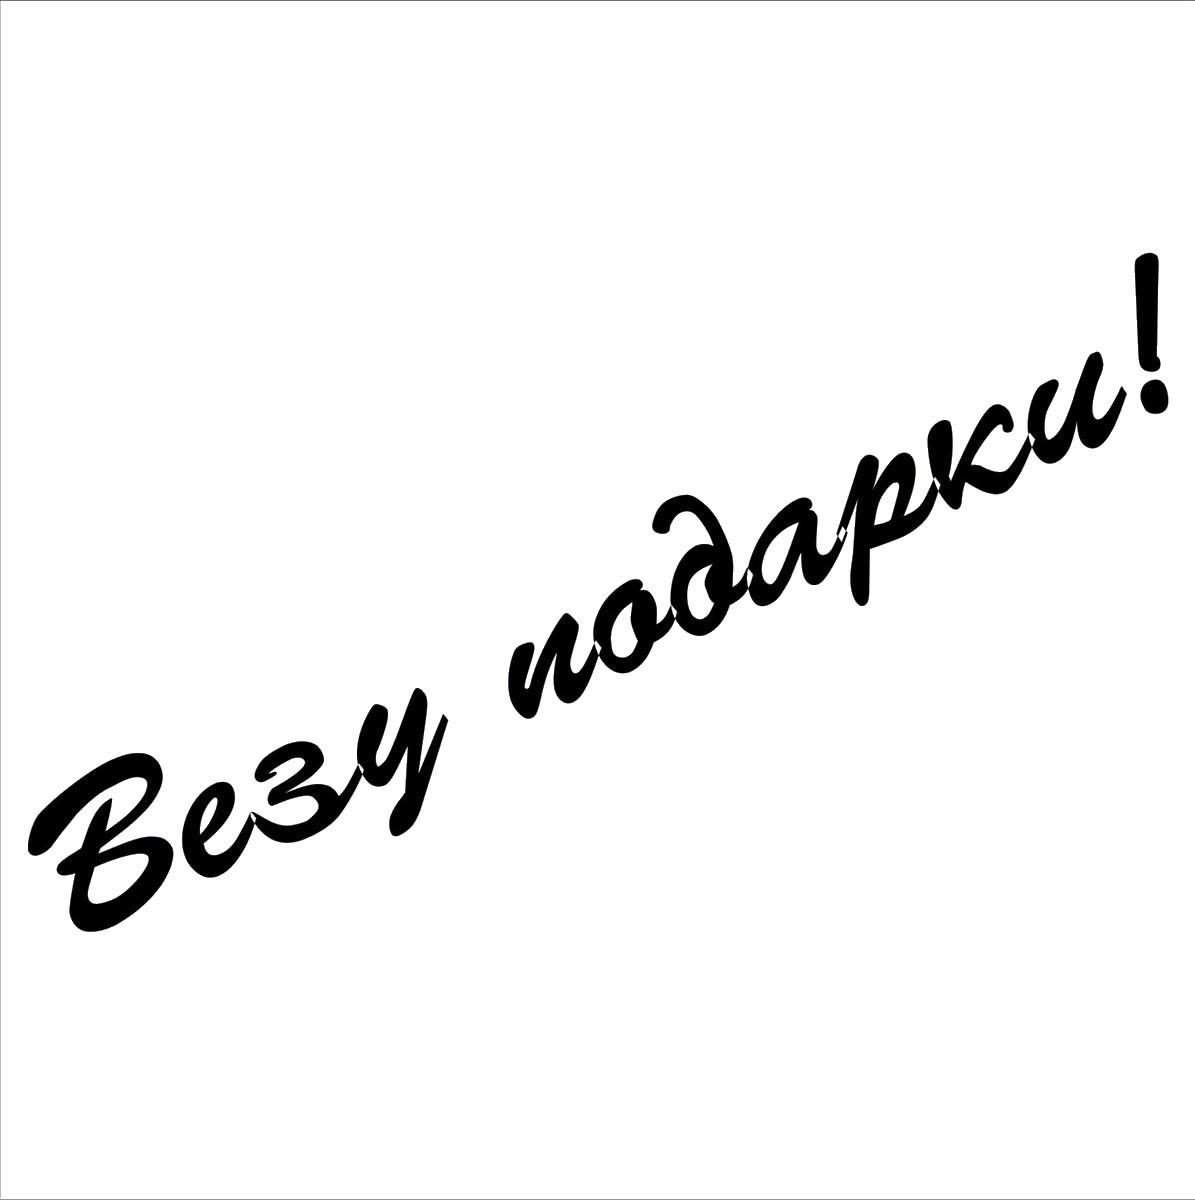 Фото - Наклейка ОранжевыйСлоник виниловая Везу подарки для авто или интерьера, Винил авто